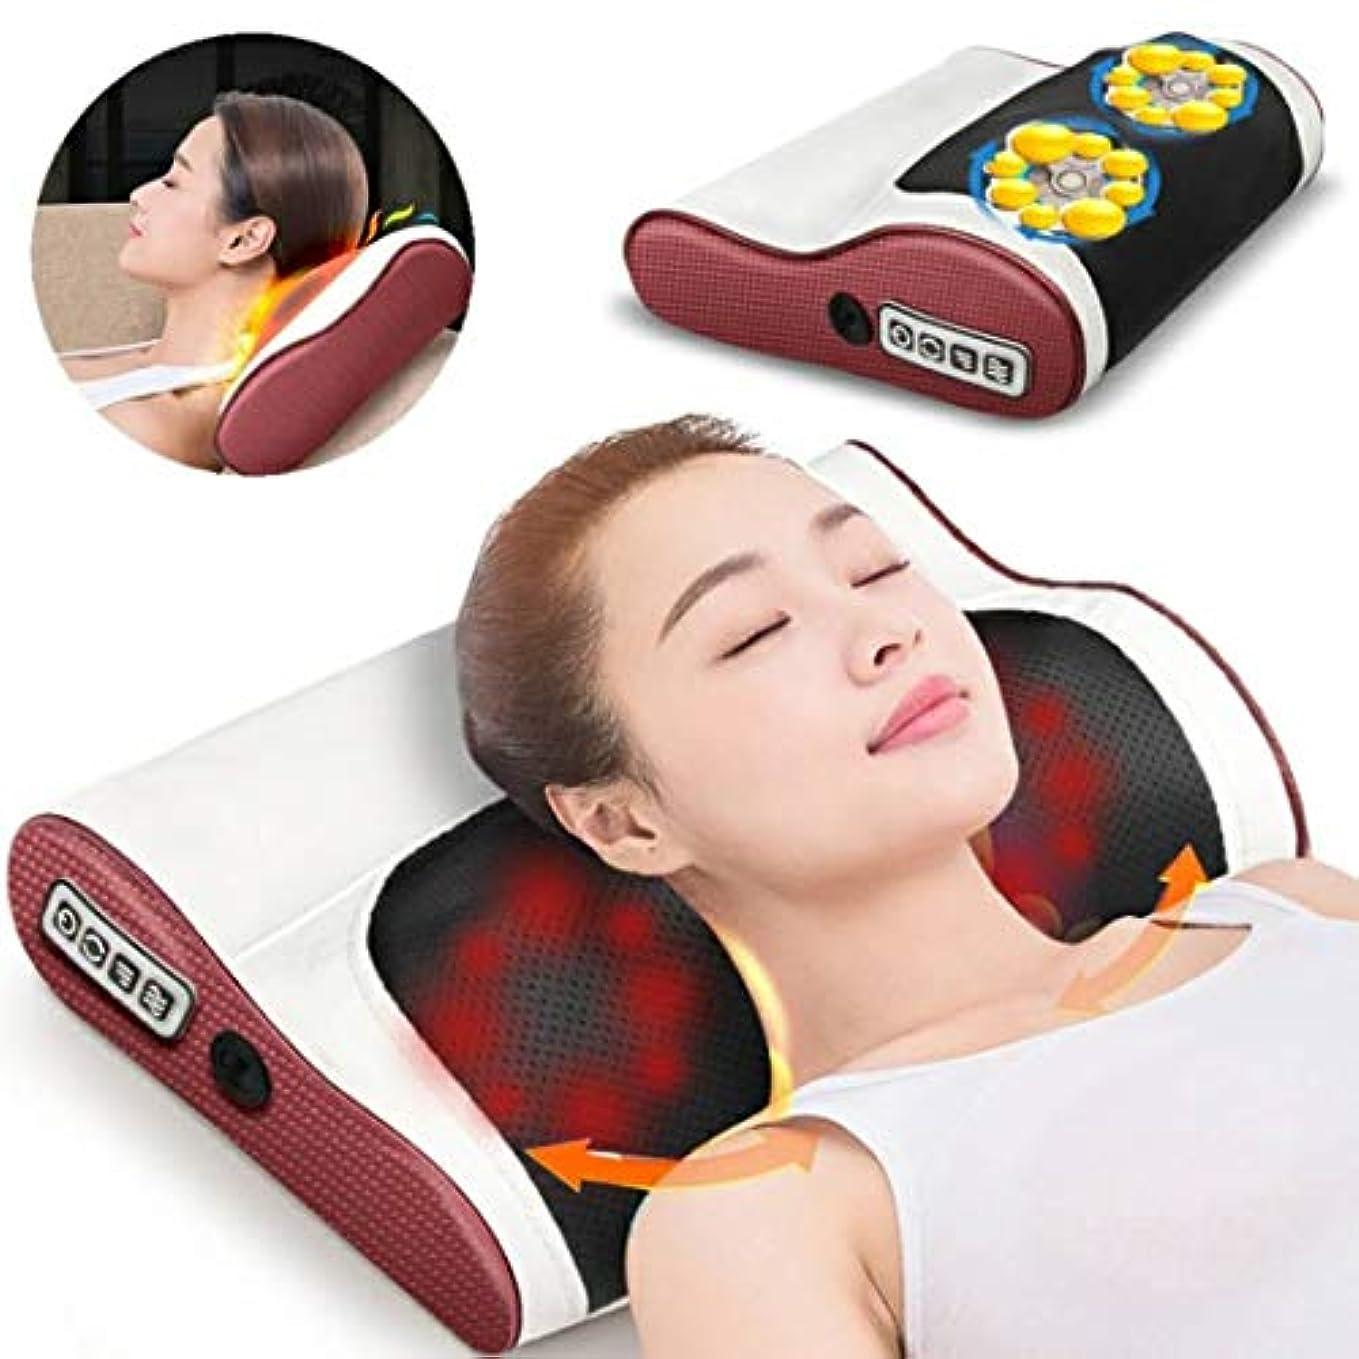 頚部マッサージ枕、フルボディ電動マッサージャー多機能家庭用クッションマッサージャーバックネックマッサージピロークッション用ショルダーバックボディ